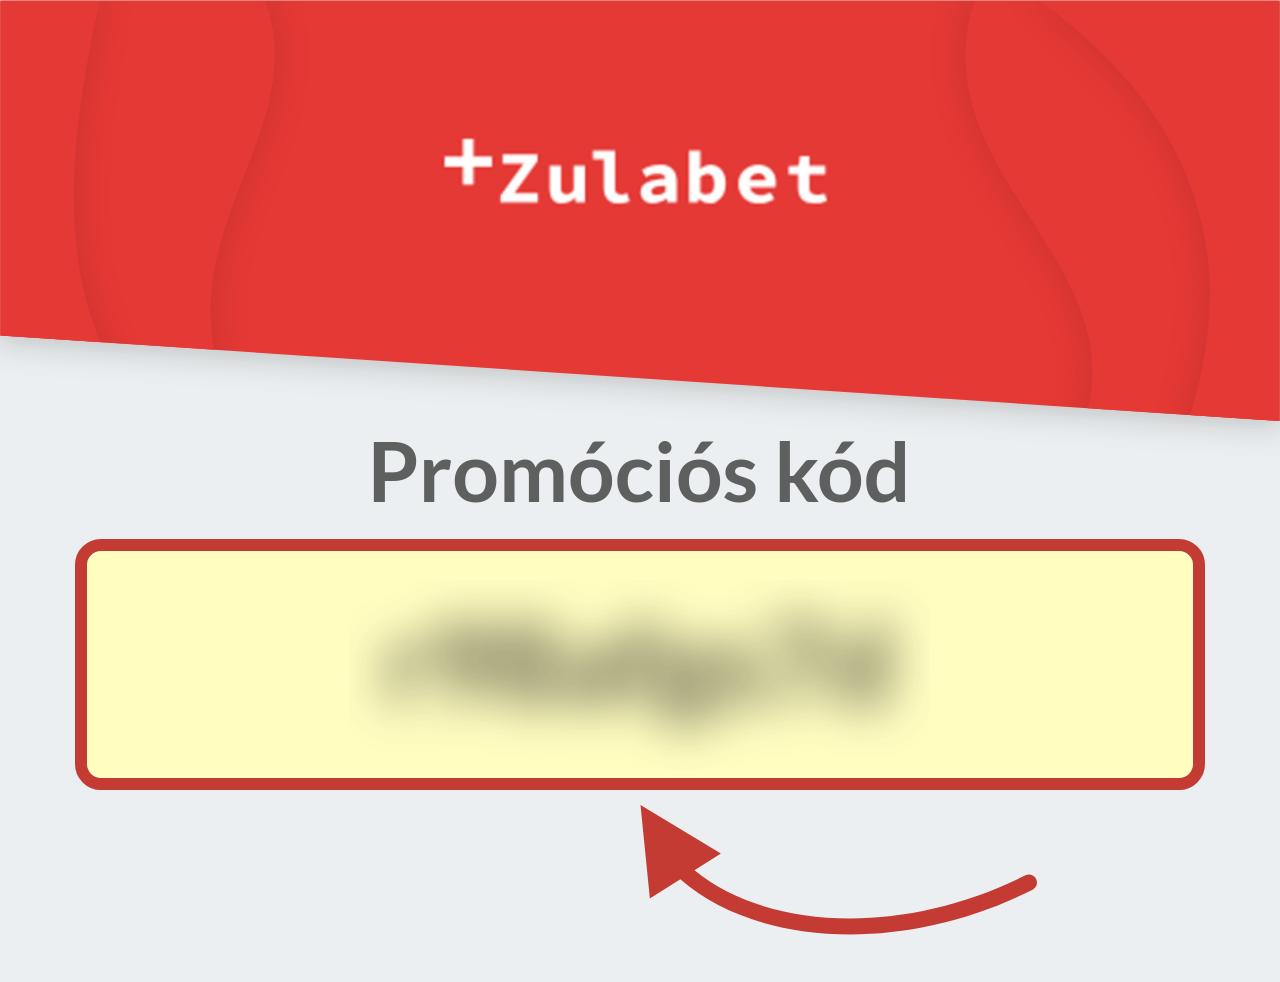 Zulabet promóciós kód